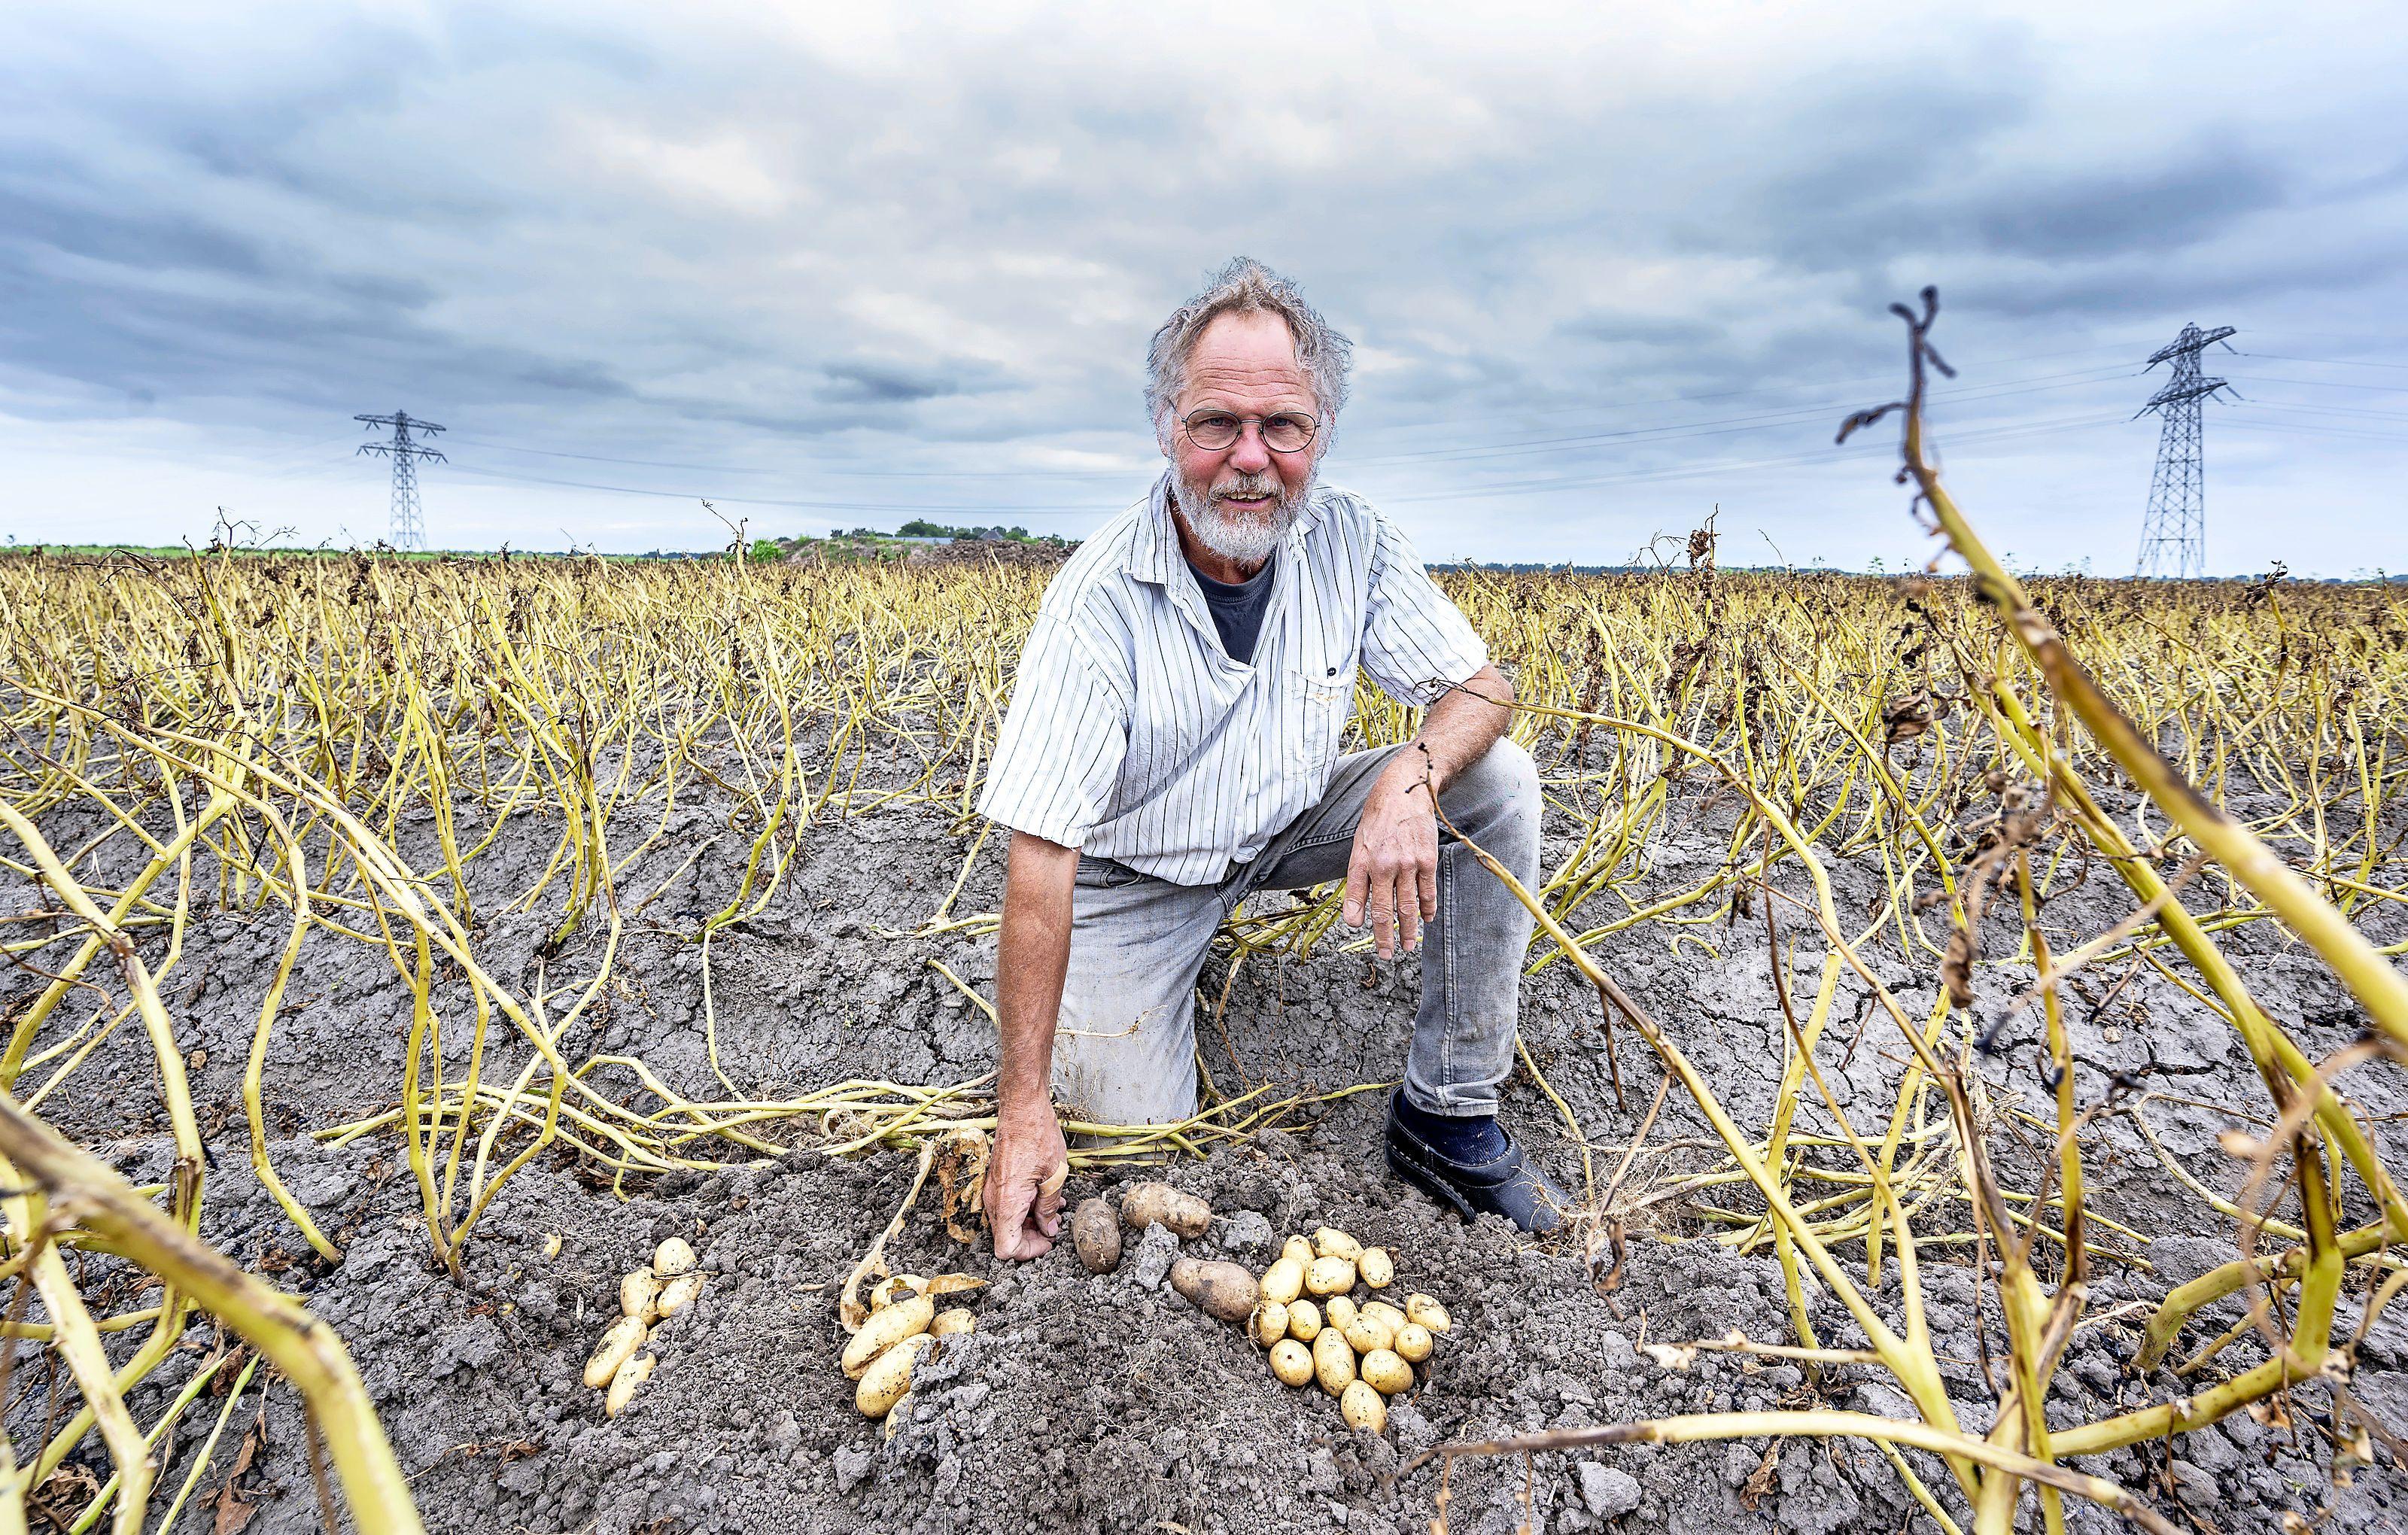 Aardappeloogst gaat in vlammen op door schimmelziekte: als de planten eenmaal besmet zijn is er geen houden aan